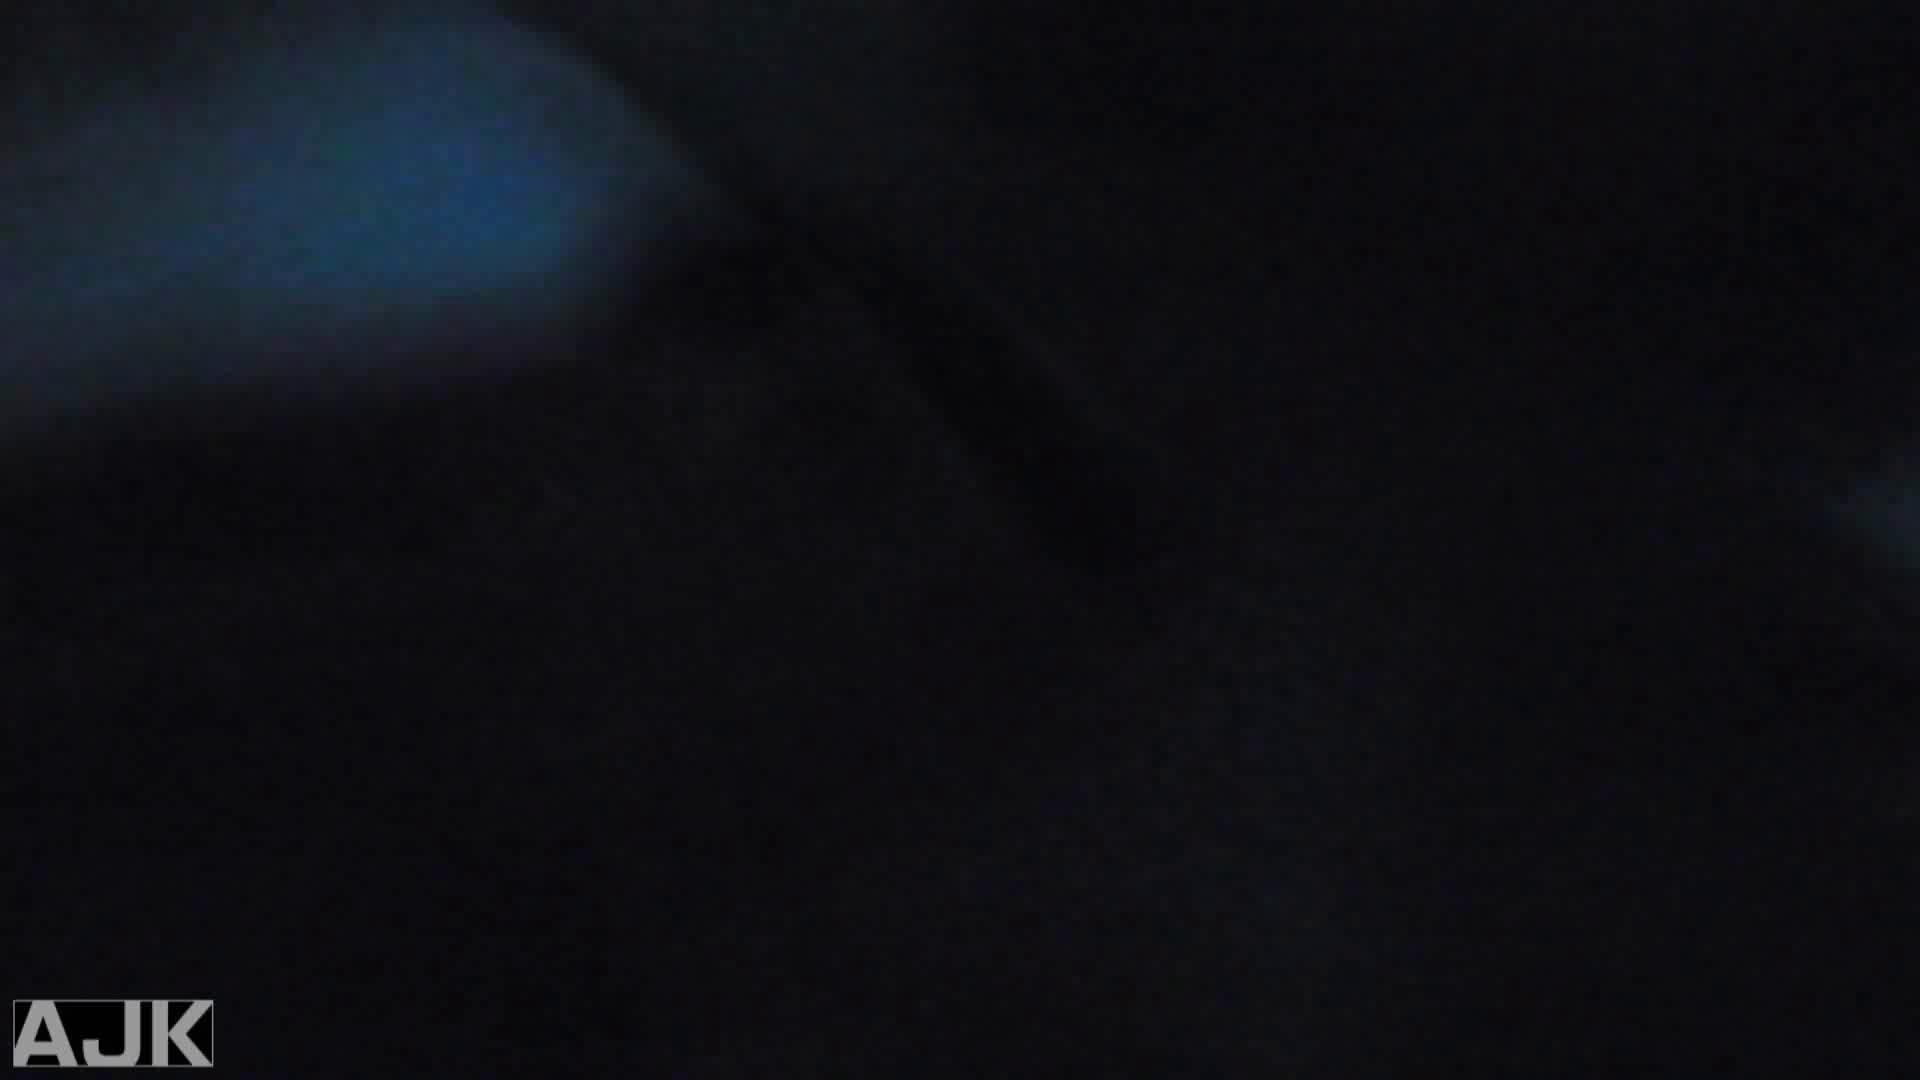 神降臨!史上最強の潜入かわや! vol.13 OLエロ画像 隠し撮りセックス画像 66PICs 30